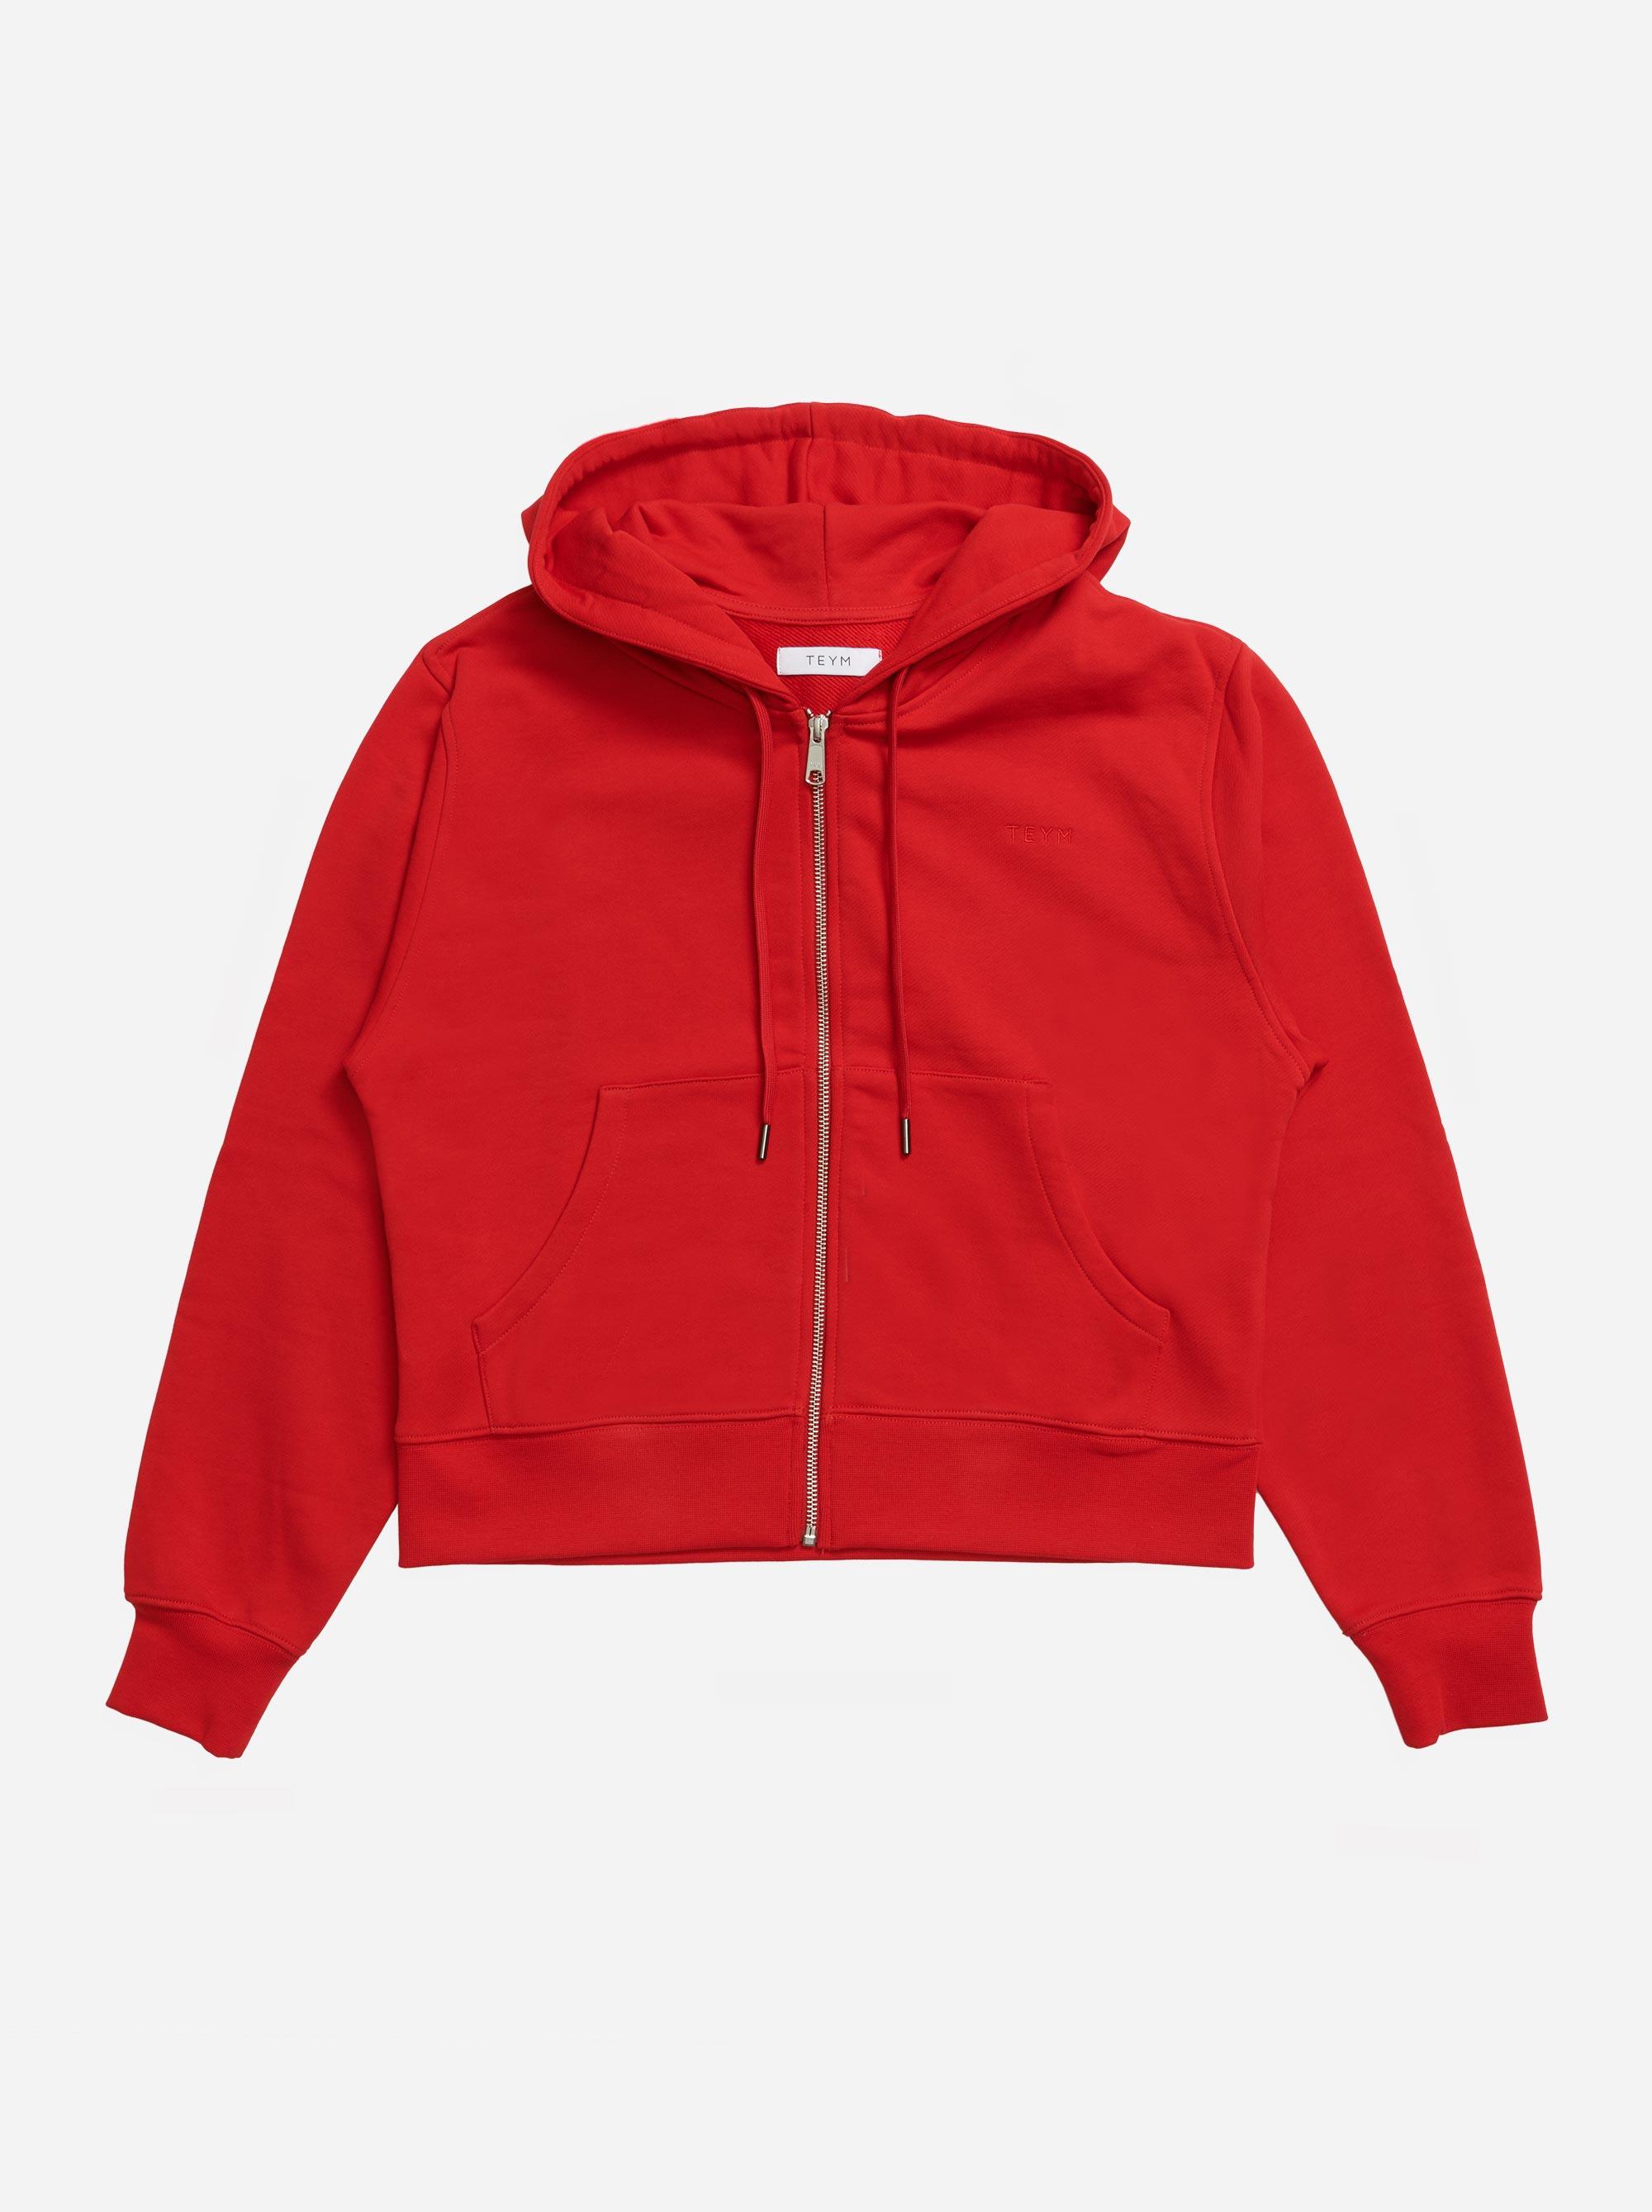 Teym-The-Zip-Hoodie-Women-Red-4